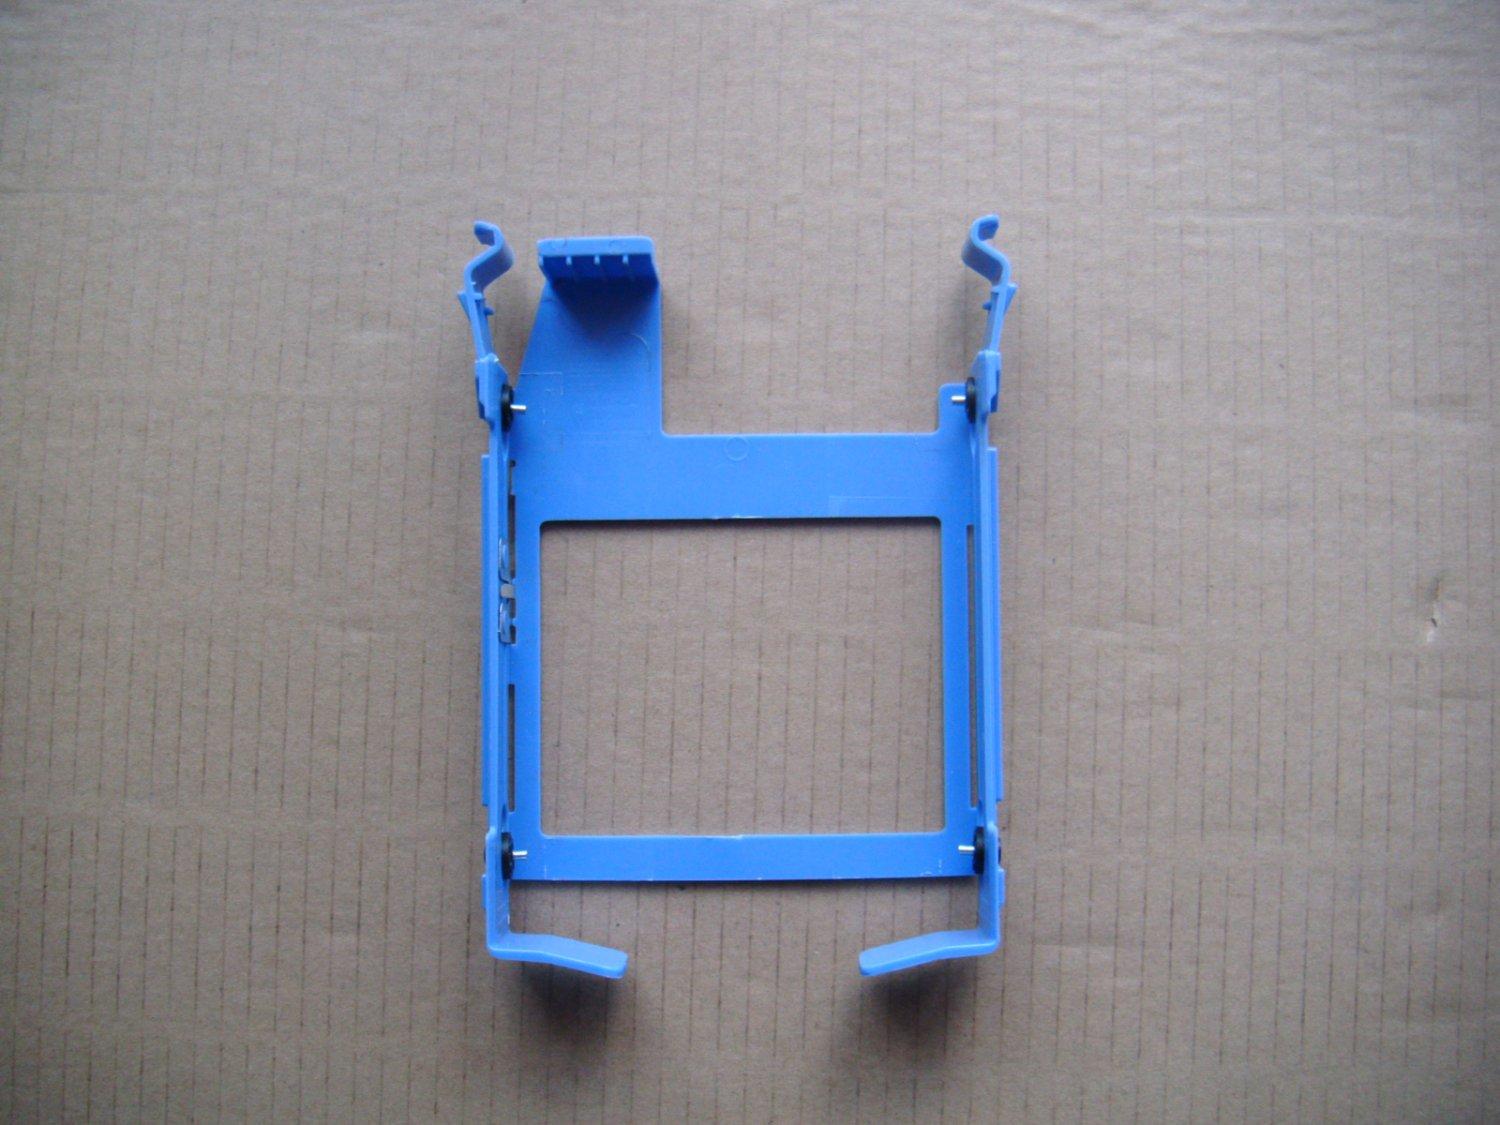 Dell 3010 7010 9010 SFF MT 3.5 HDD Hard Drive Caddy Bracket 1B31D2600 px60023 dn8my